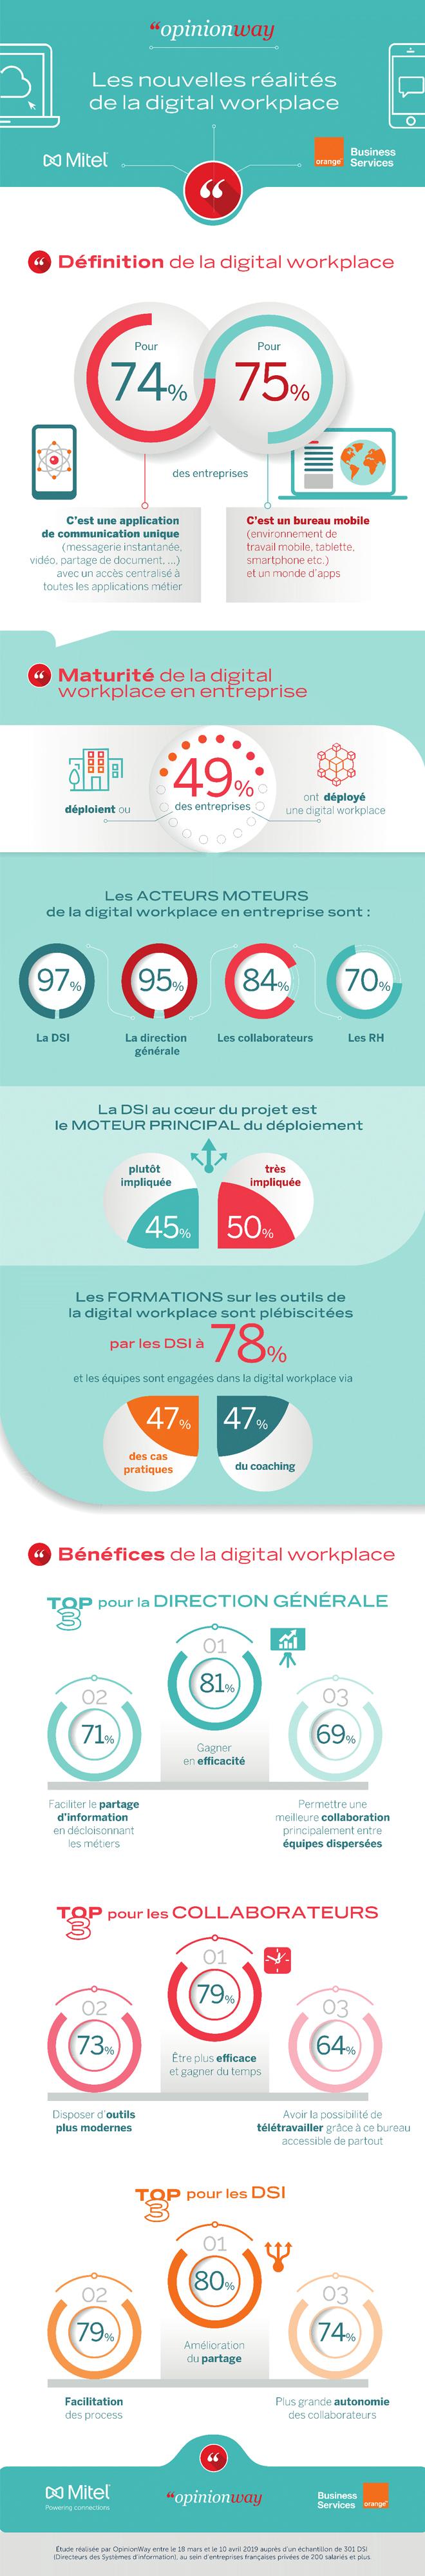 Digital workplace : la DSI devant la DRH comme moteur du changement